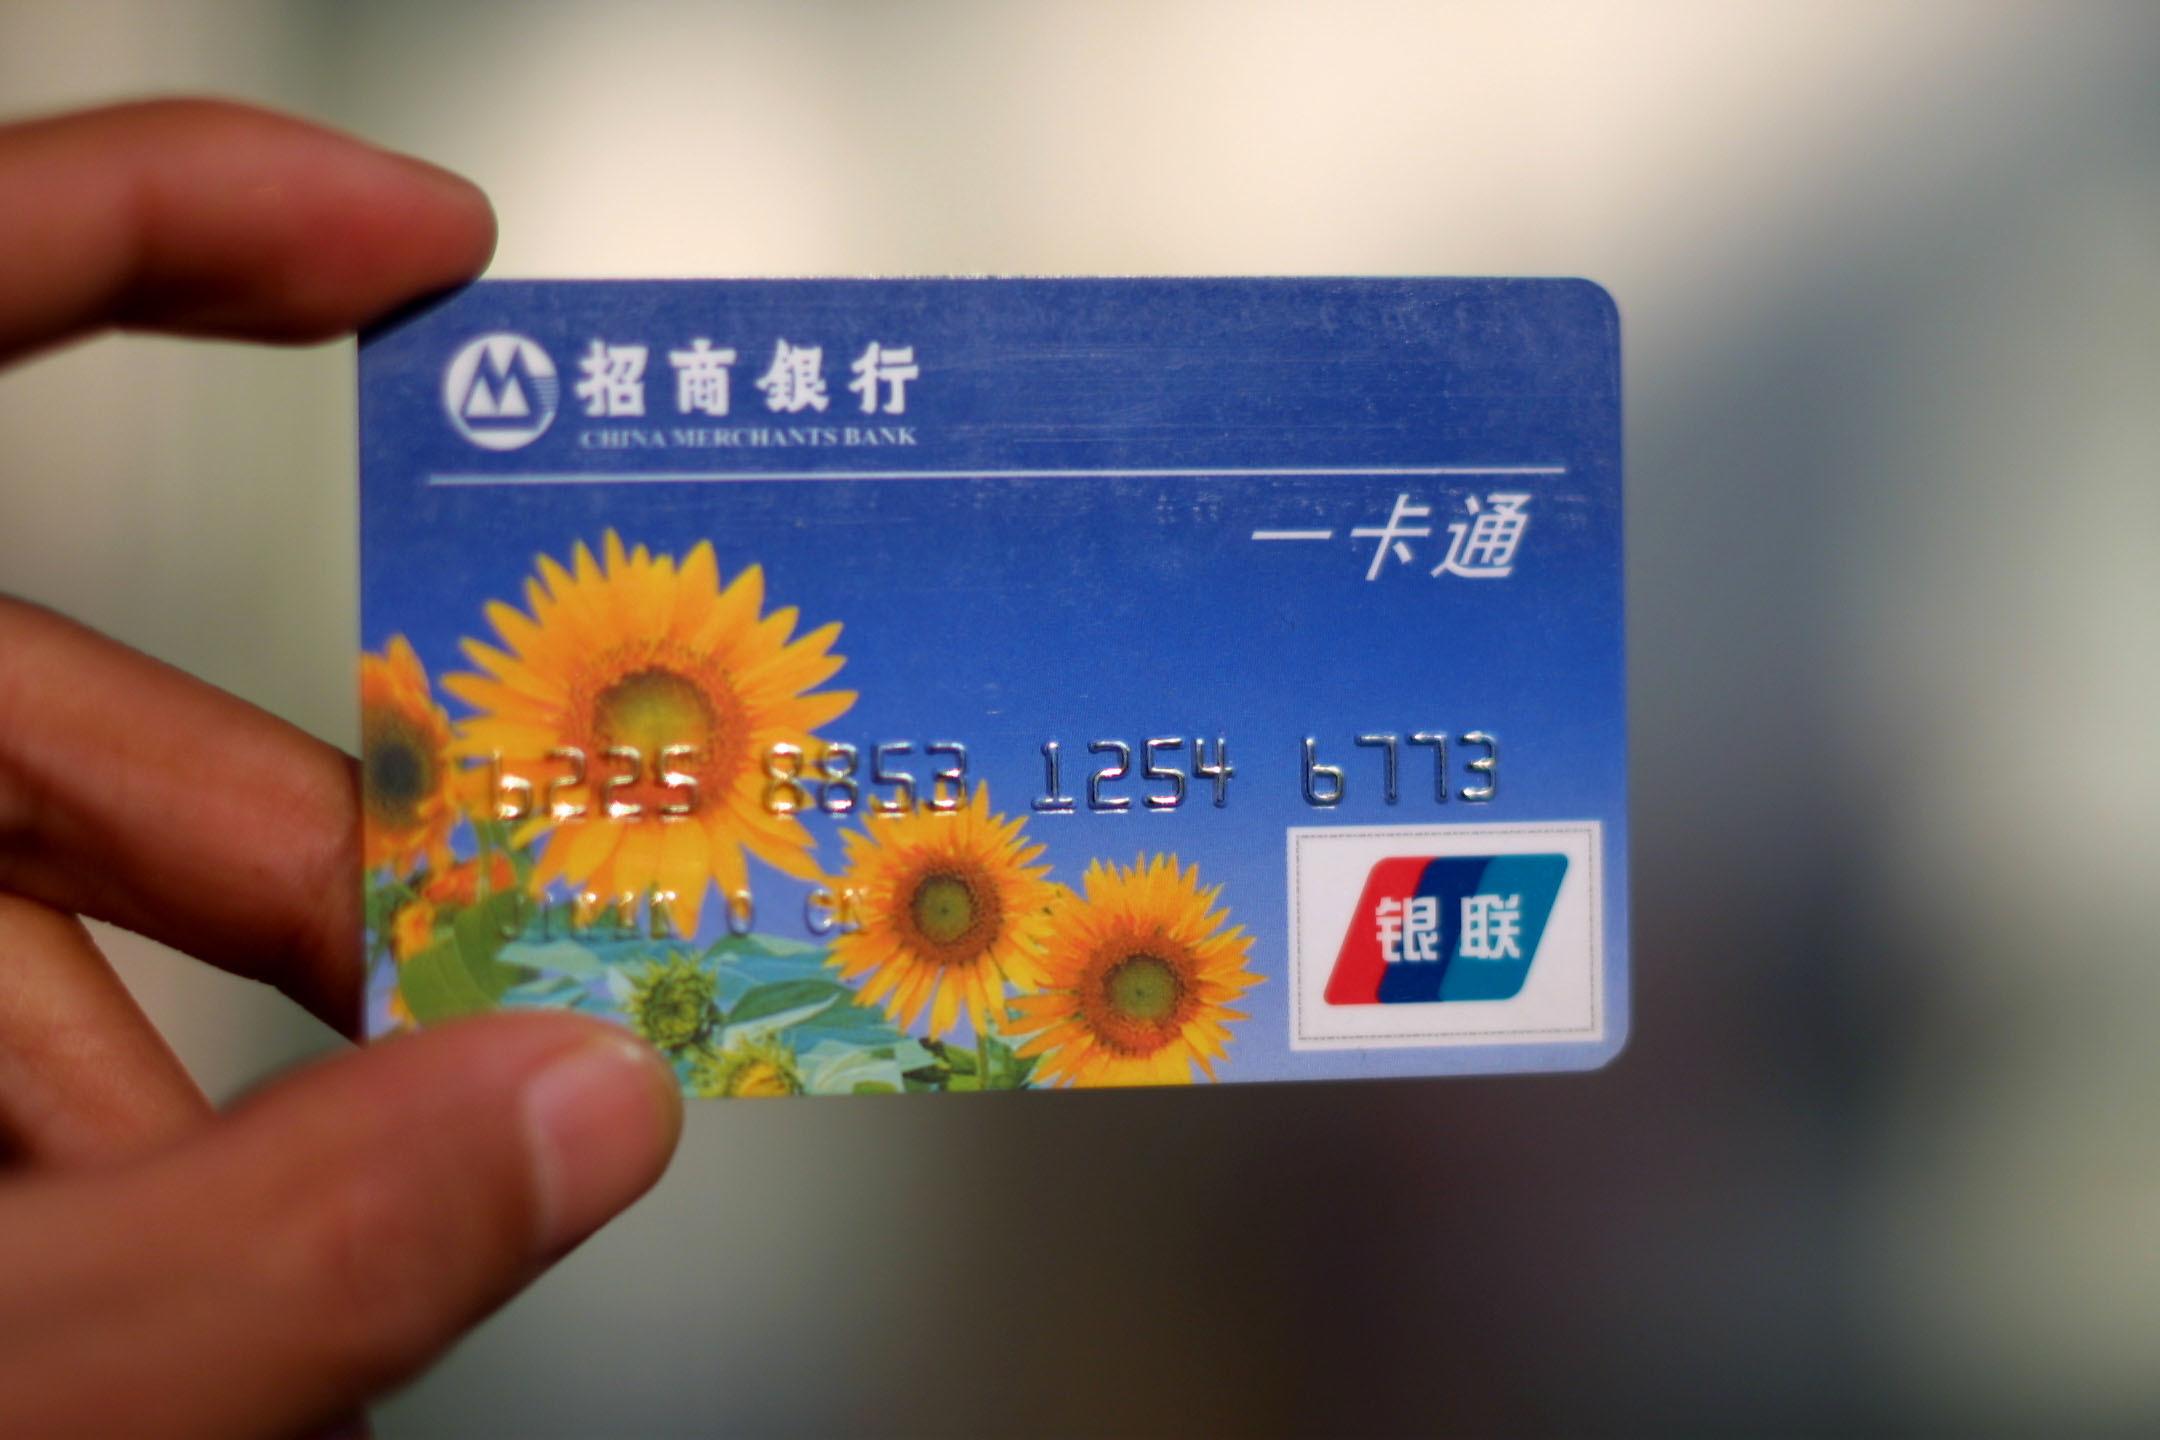 信用卡分期应该注意什么?有信用卡的都应该看看!